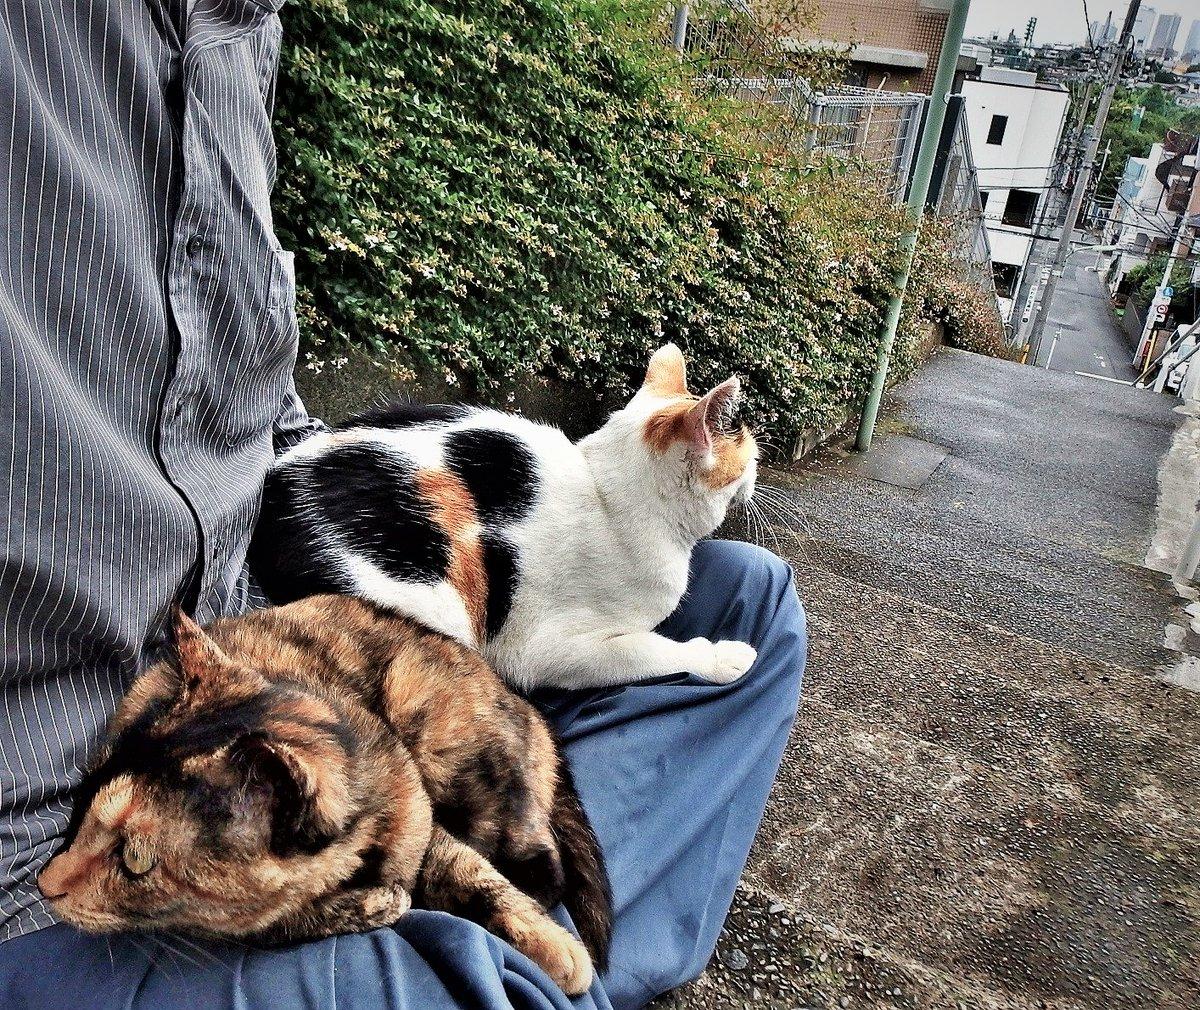 おはよ~ ございます ★╦╦╔╗╔╗╔╗╗╔░╔╦╗╔╗╔╗─╦╔╗╗╔★  ★╠╣╠╣╠╝╠╝╚╣░║║║║║║║╔╣╠╣╚╣★ ★╩╩╩╩╩─╩─╚╝░╝╝╝╚╝╩║╚╝╩║═╝★ 2016年6月のシロミケ1号とデビルです。 #cat #ねこ #猫 #地域猫 #東京探検隊 pic.twitter.com/icRBxw55t4